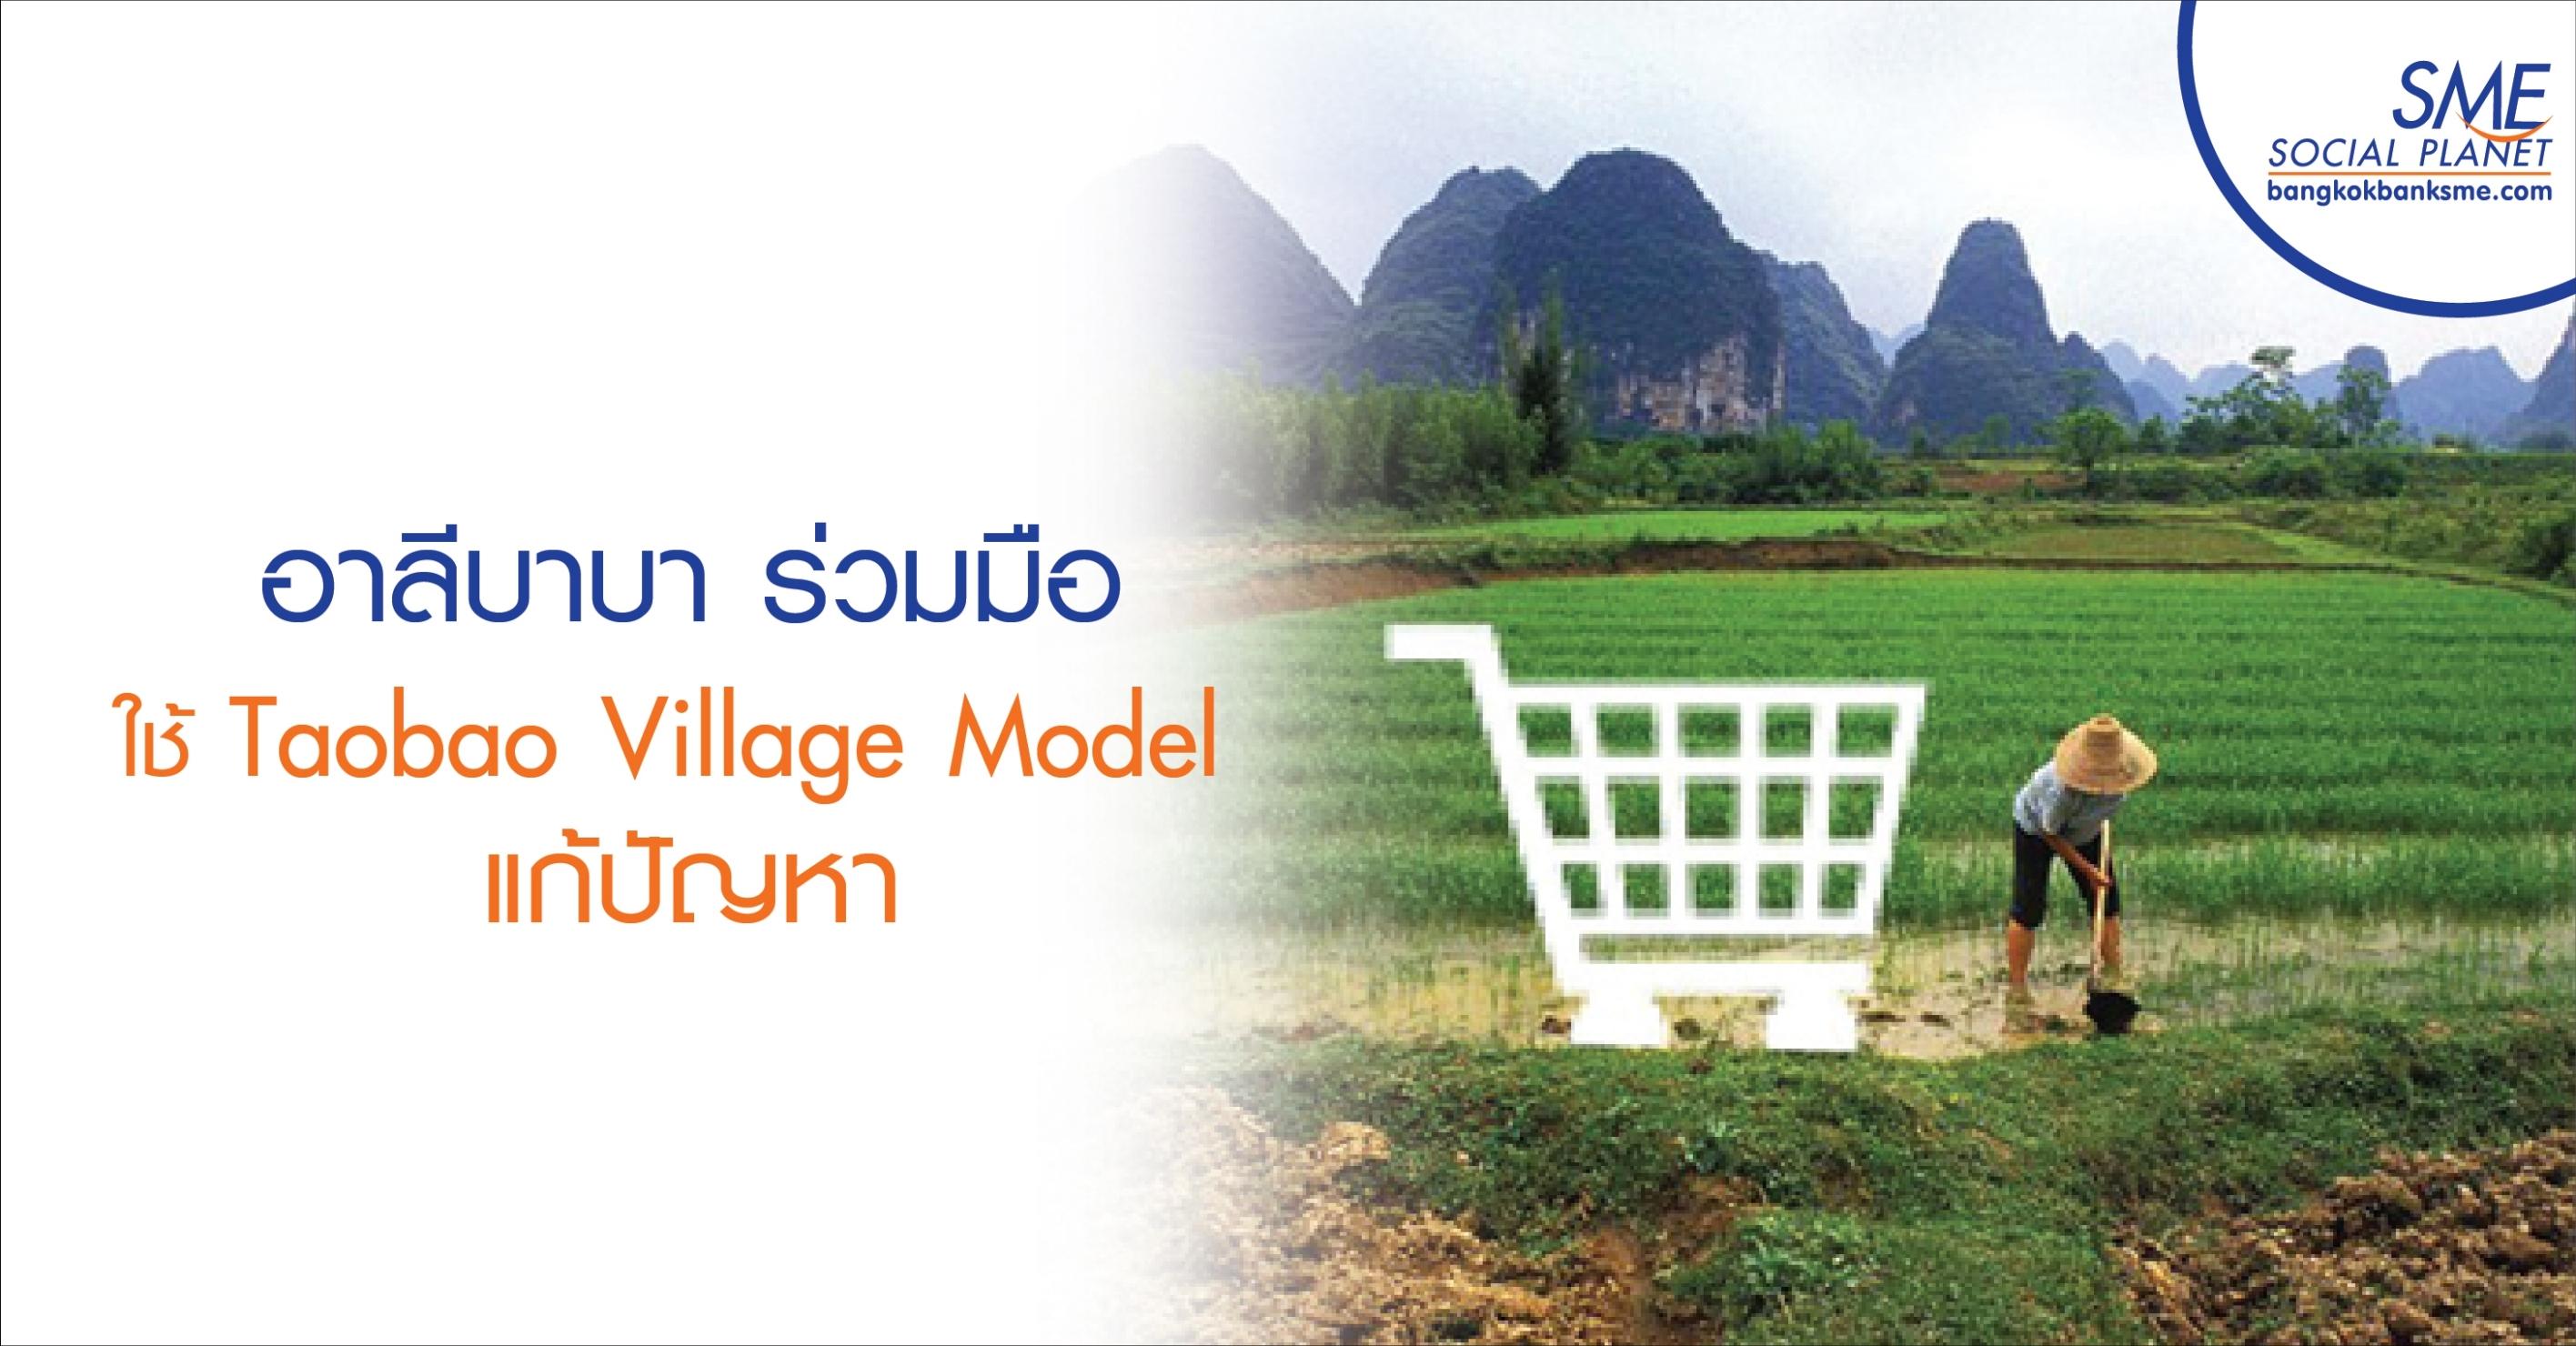 อาลีบาบาร่วมมือ ใช้ Taobao Village Model แก้ปัญหาในไทย